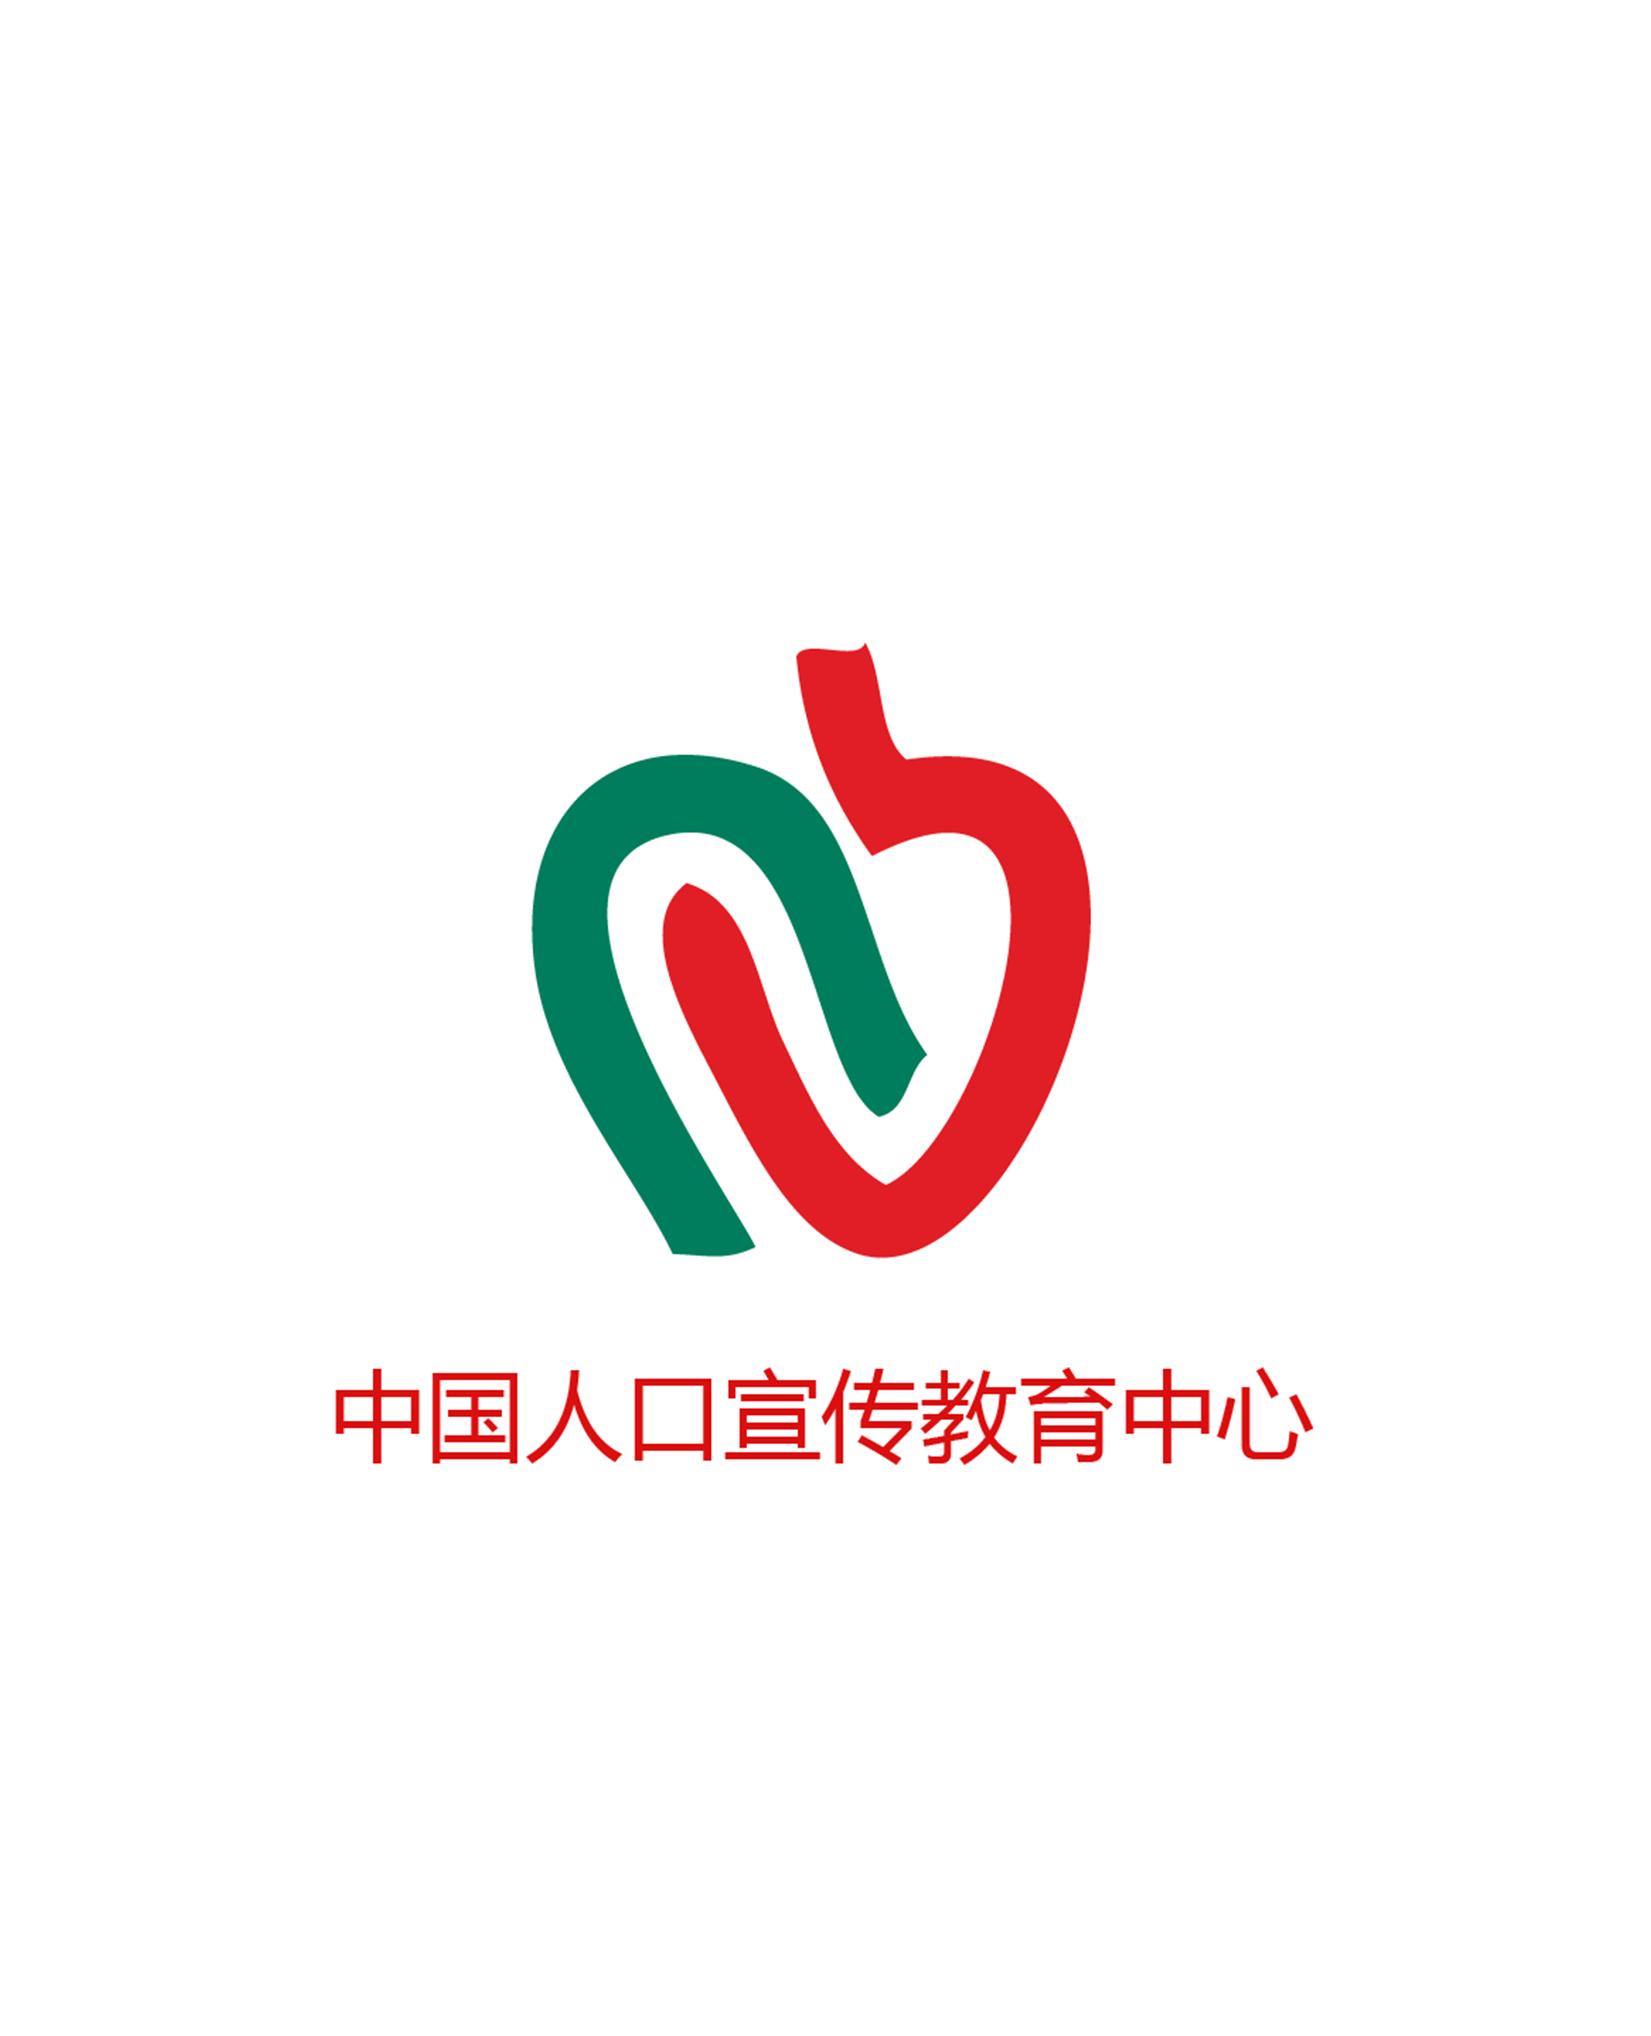 画册设计-北京弘石智造创意科技有限公司-知识产权及